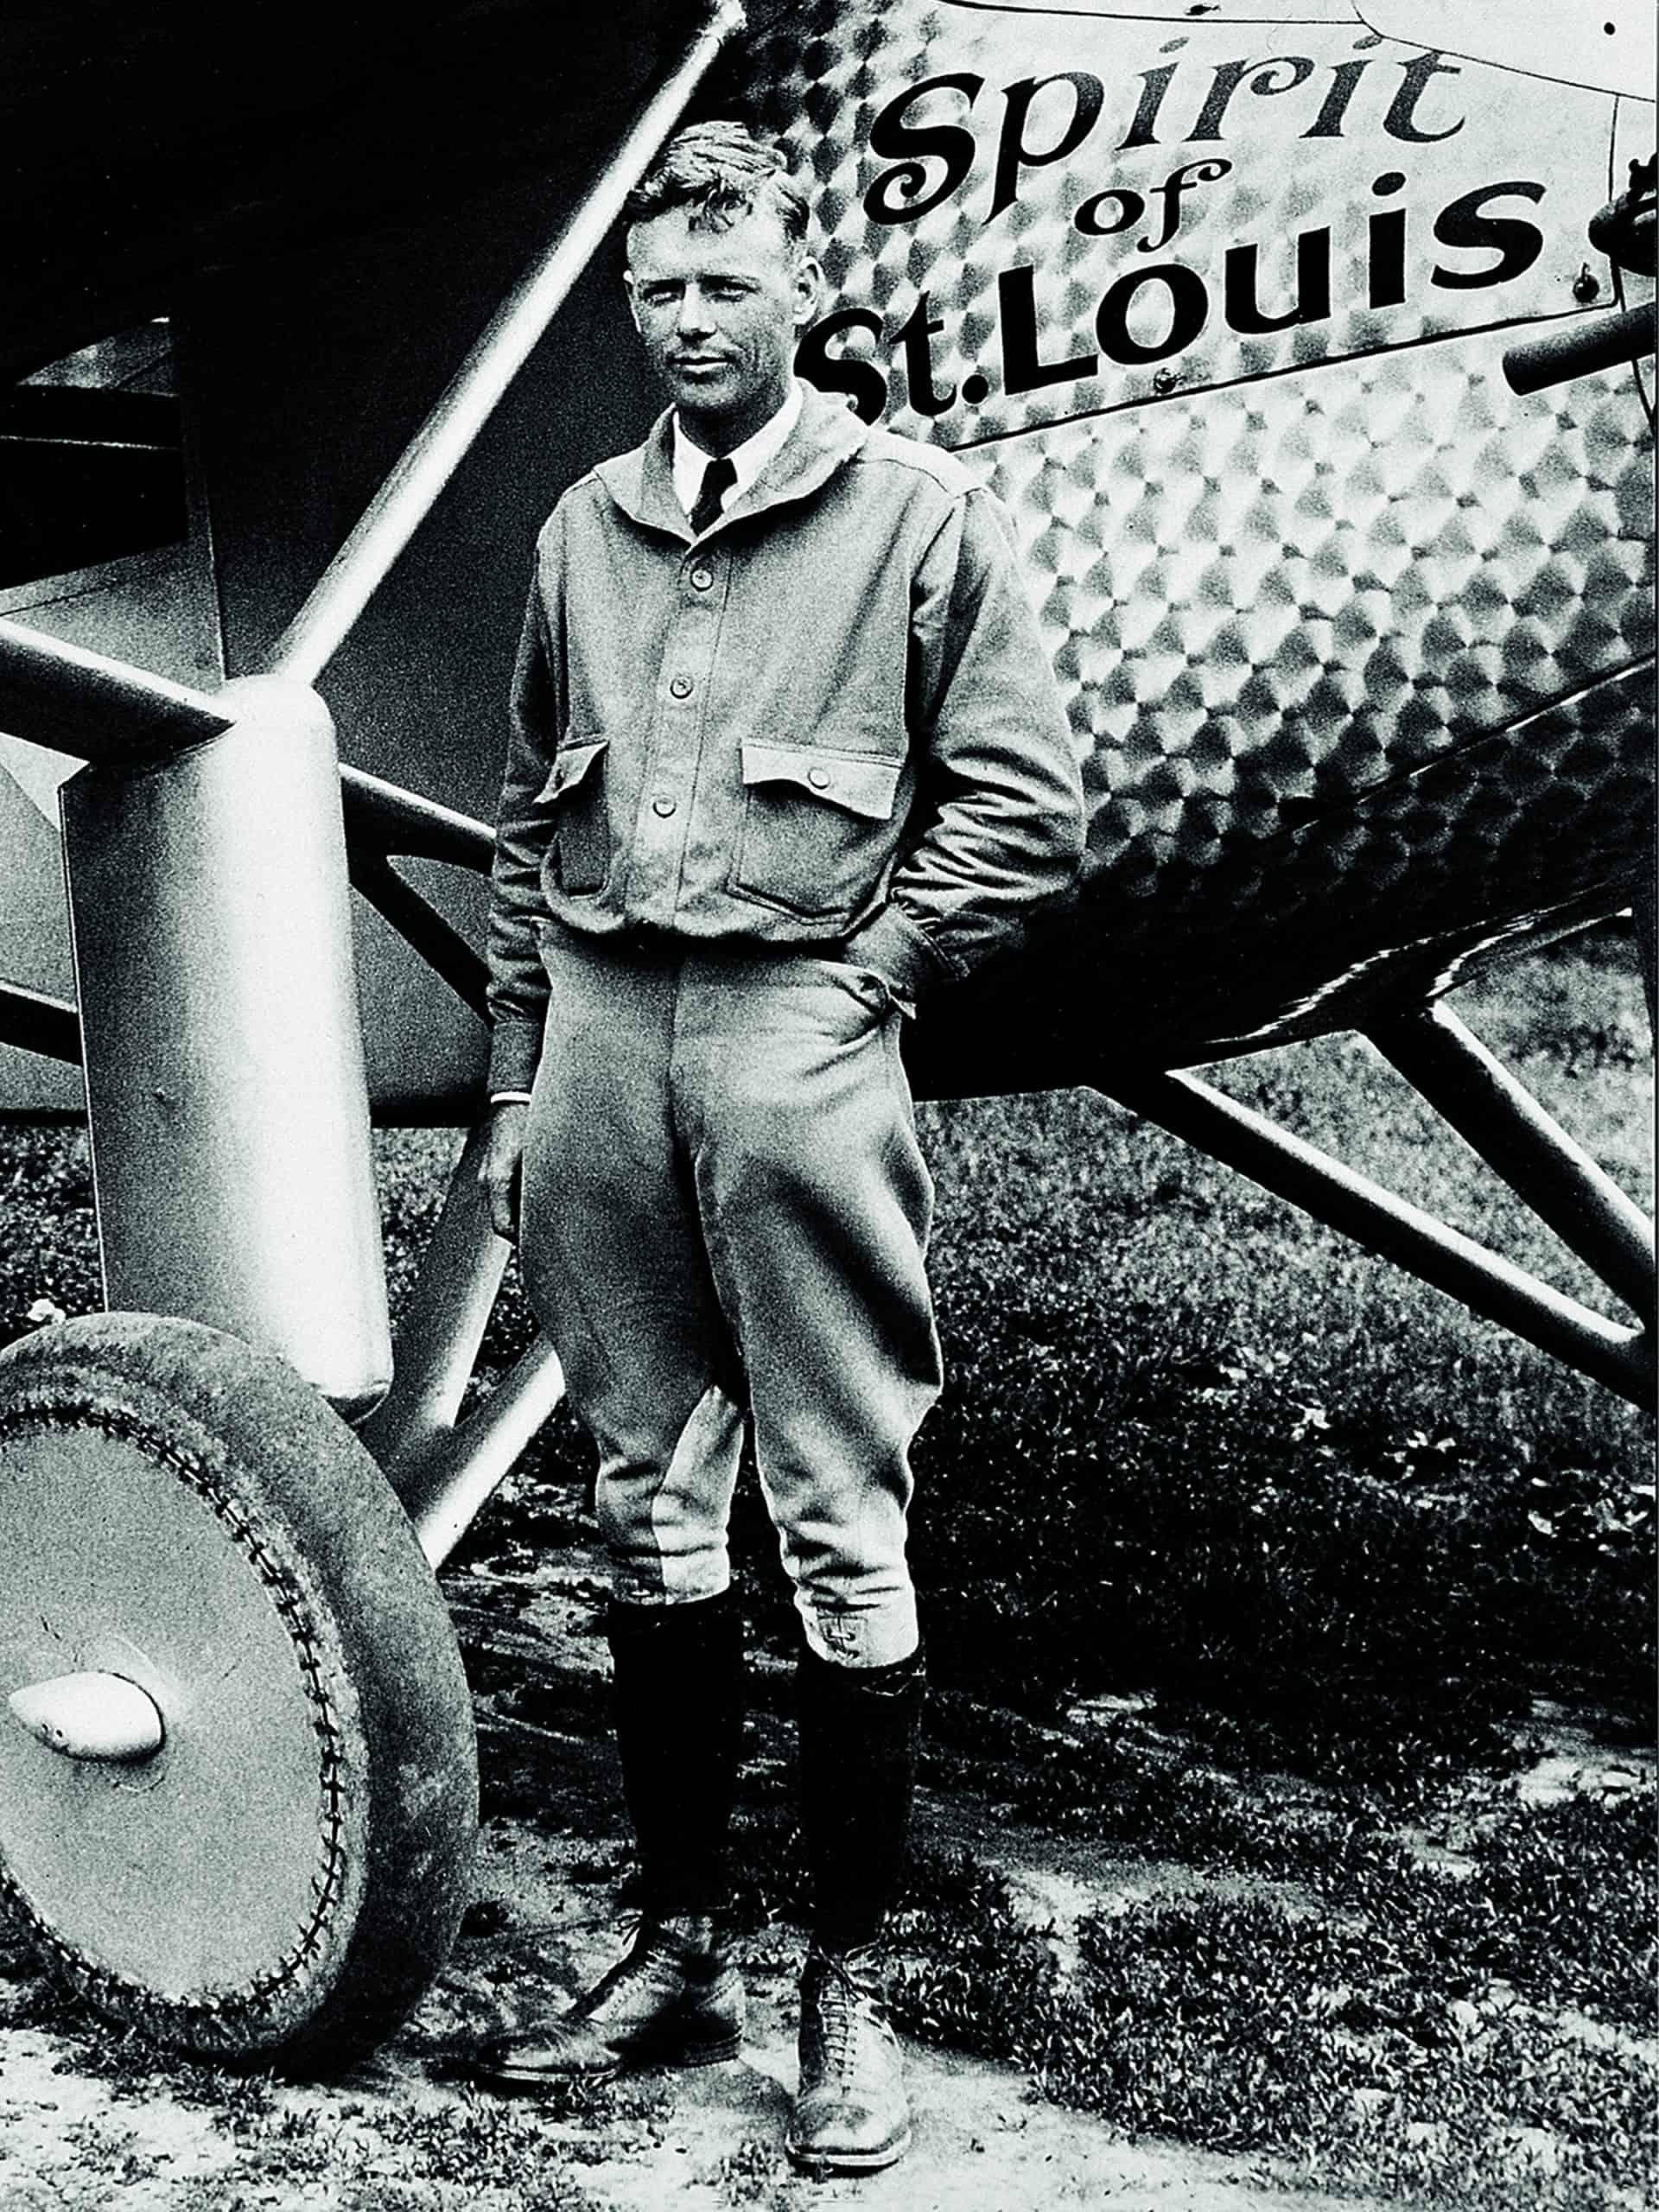 Er nutzte auf seiner Transatlantiküberquerung die Vorzüge der Navigation anhand einer genauen Stundenwinkelarmbanduhr: Charles Lindbergh und seine Longines ware ein gutes Navigationspaar.